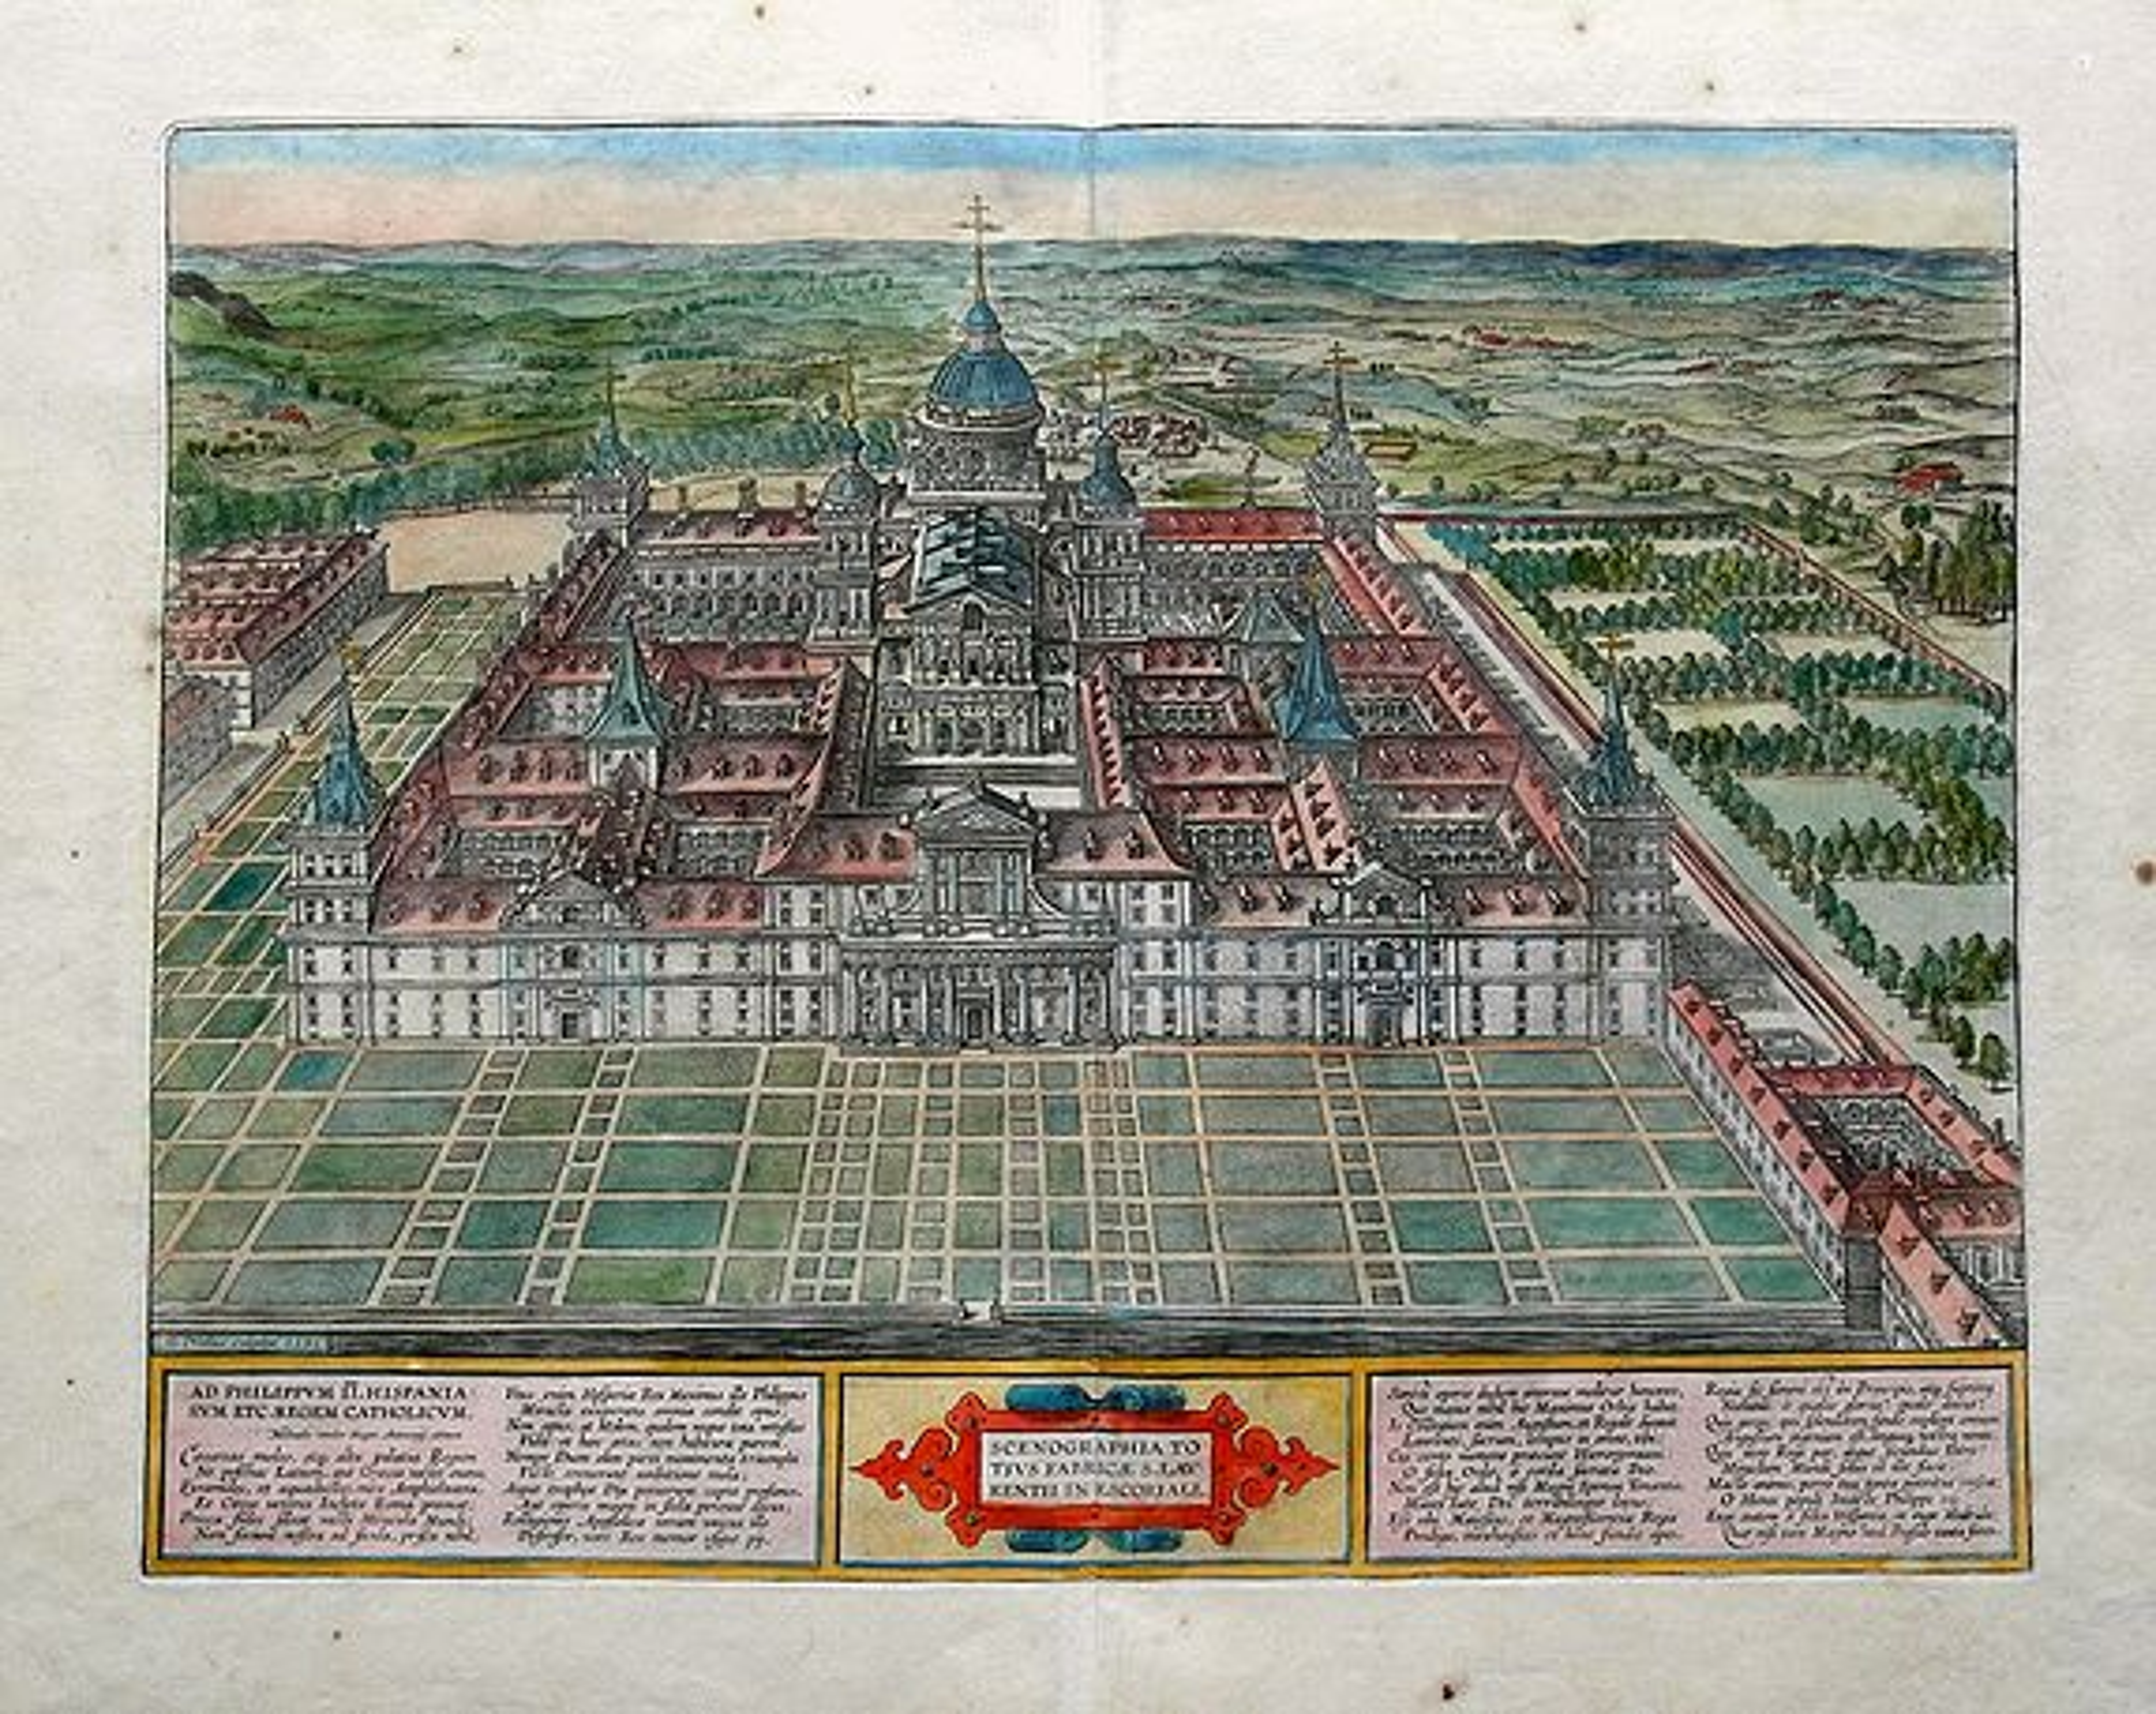 ORTELIUS, A. - Scenographia Totius Fabricae S. Laurentii In Escoriali.